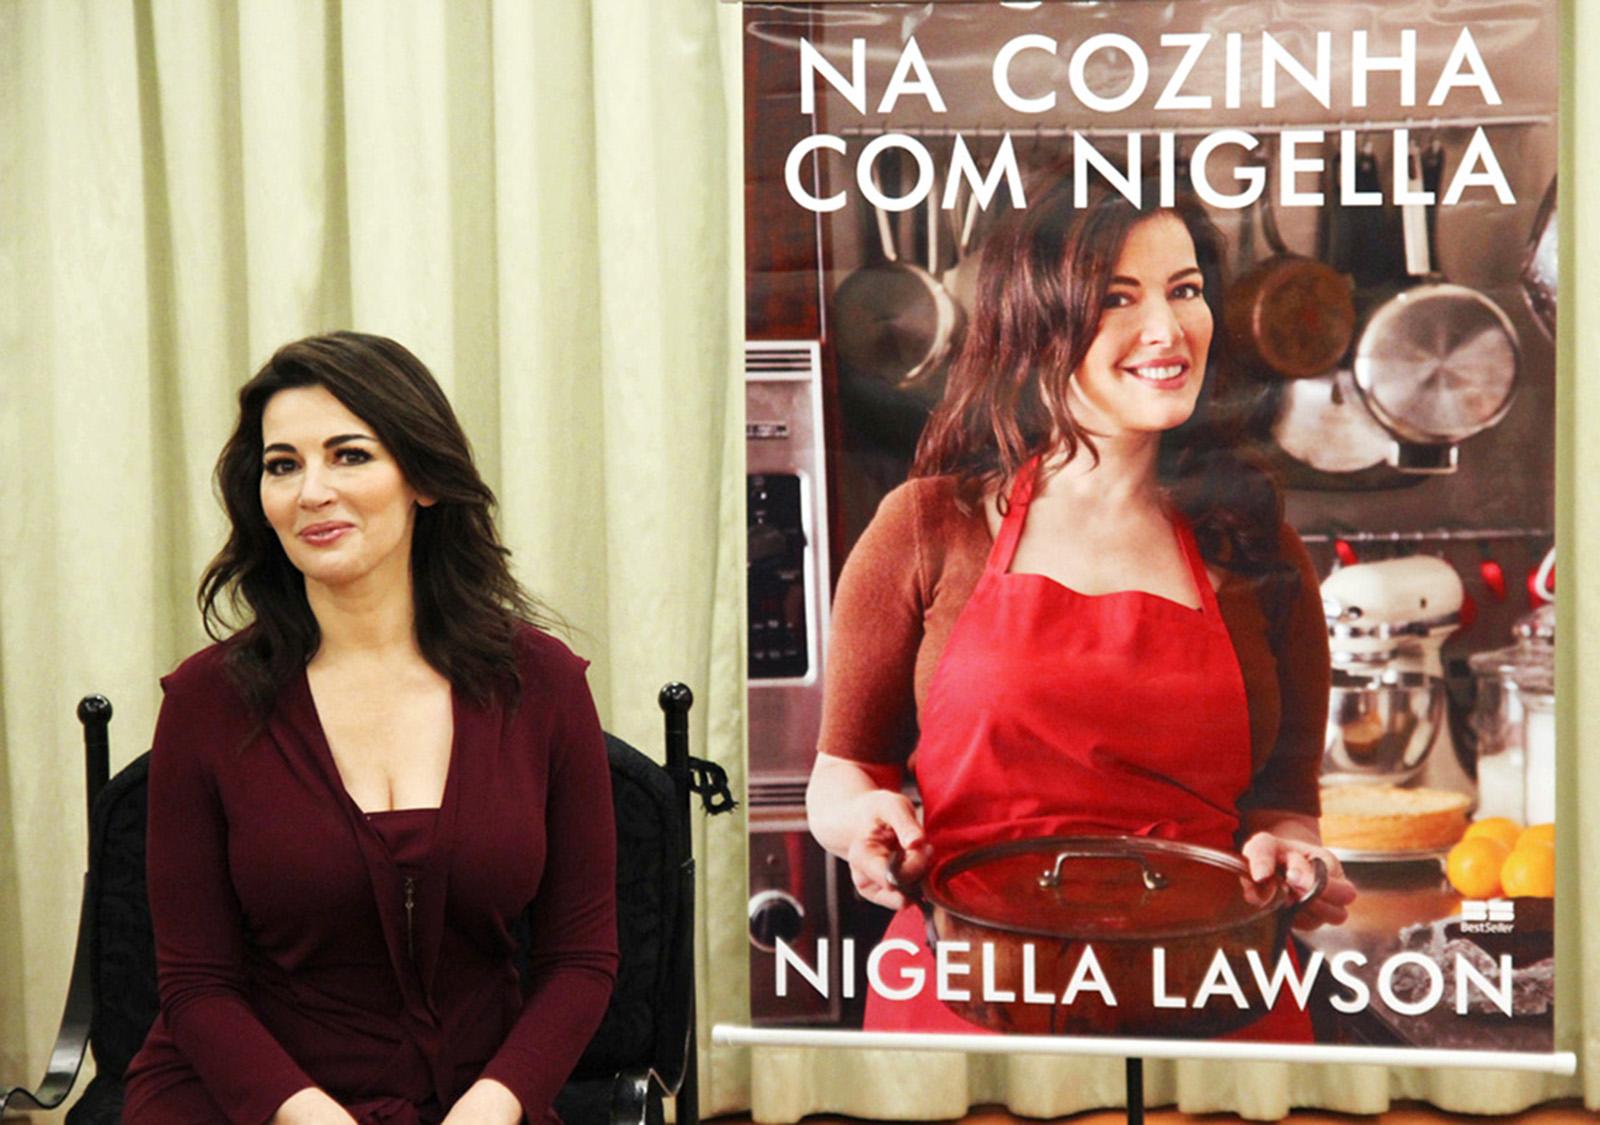 Conhecendo Nigella Lawson